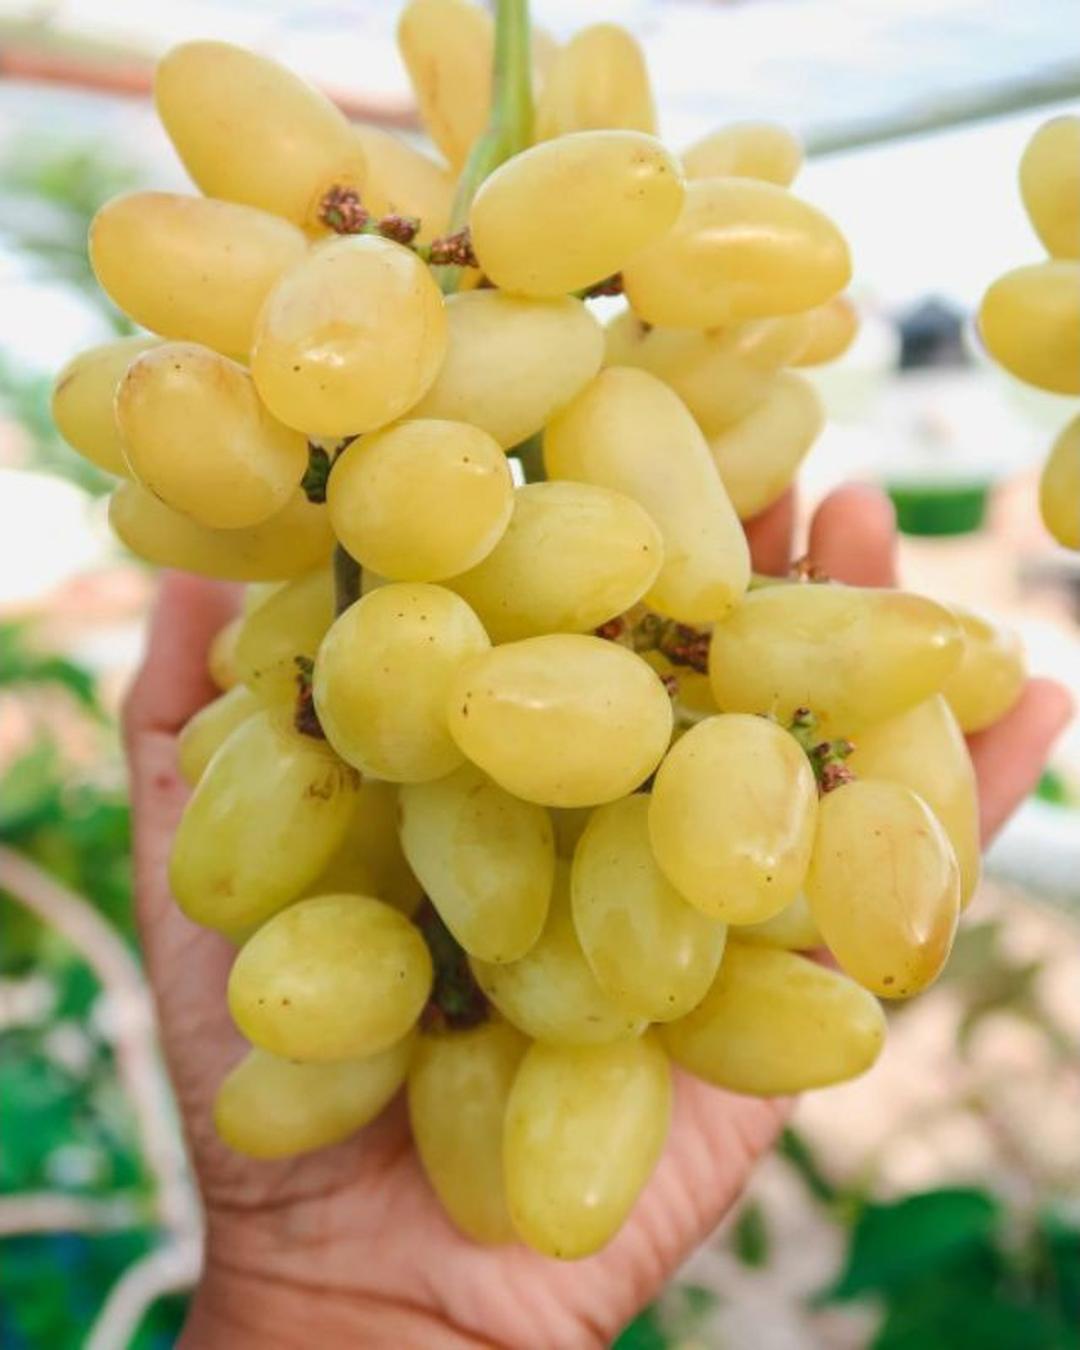 Jaminan Mutu! bibit anggur impor tranfiguration Kota Malang #bibit buah langka